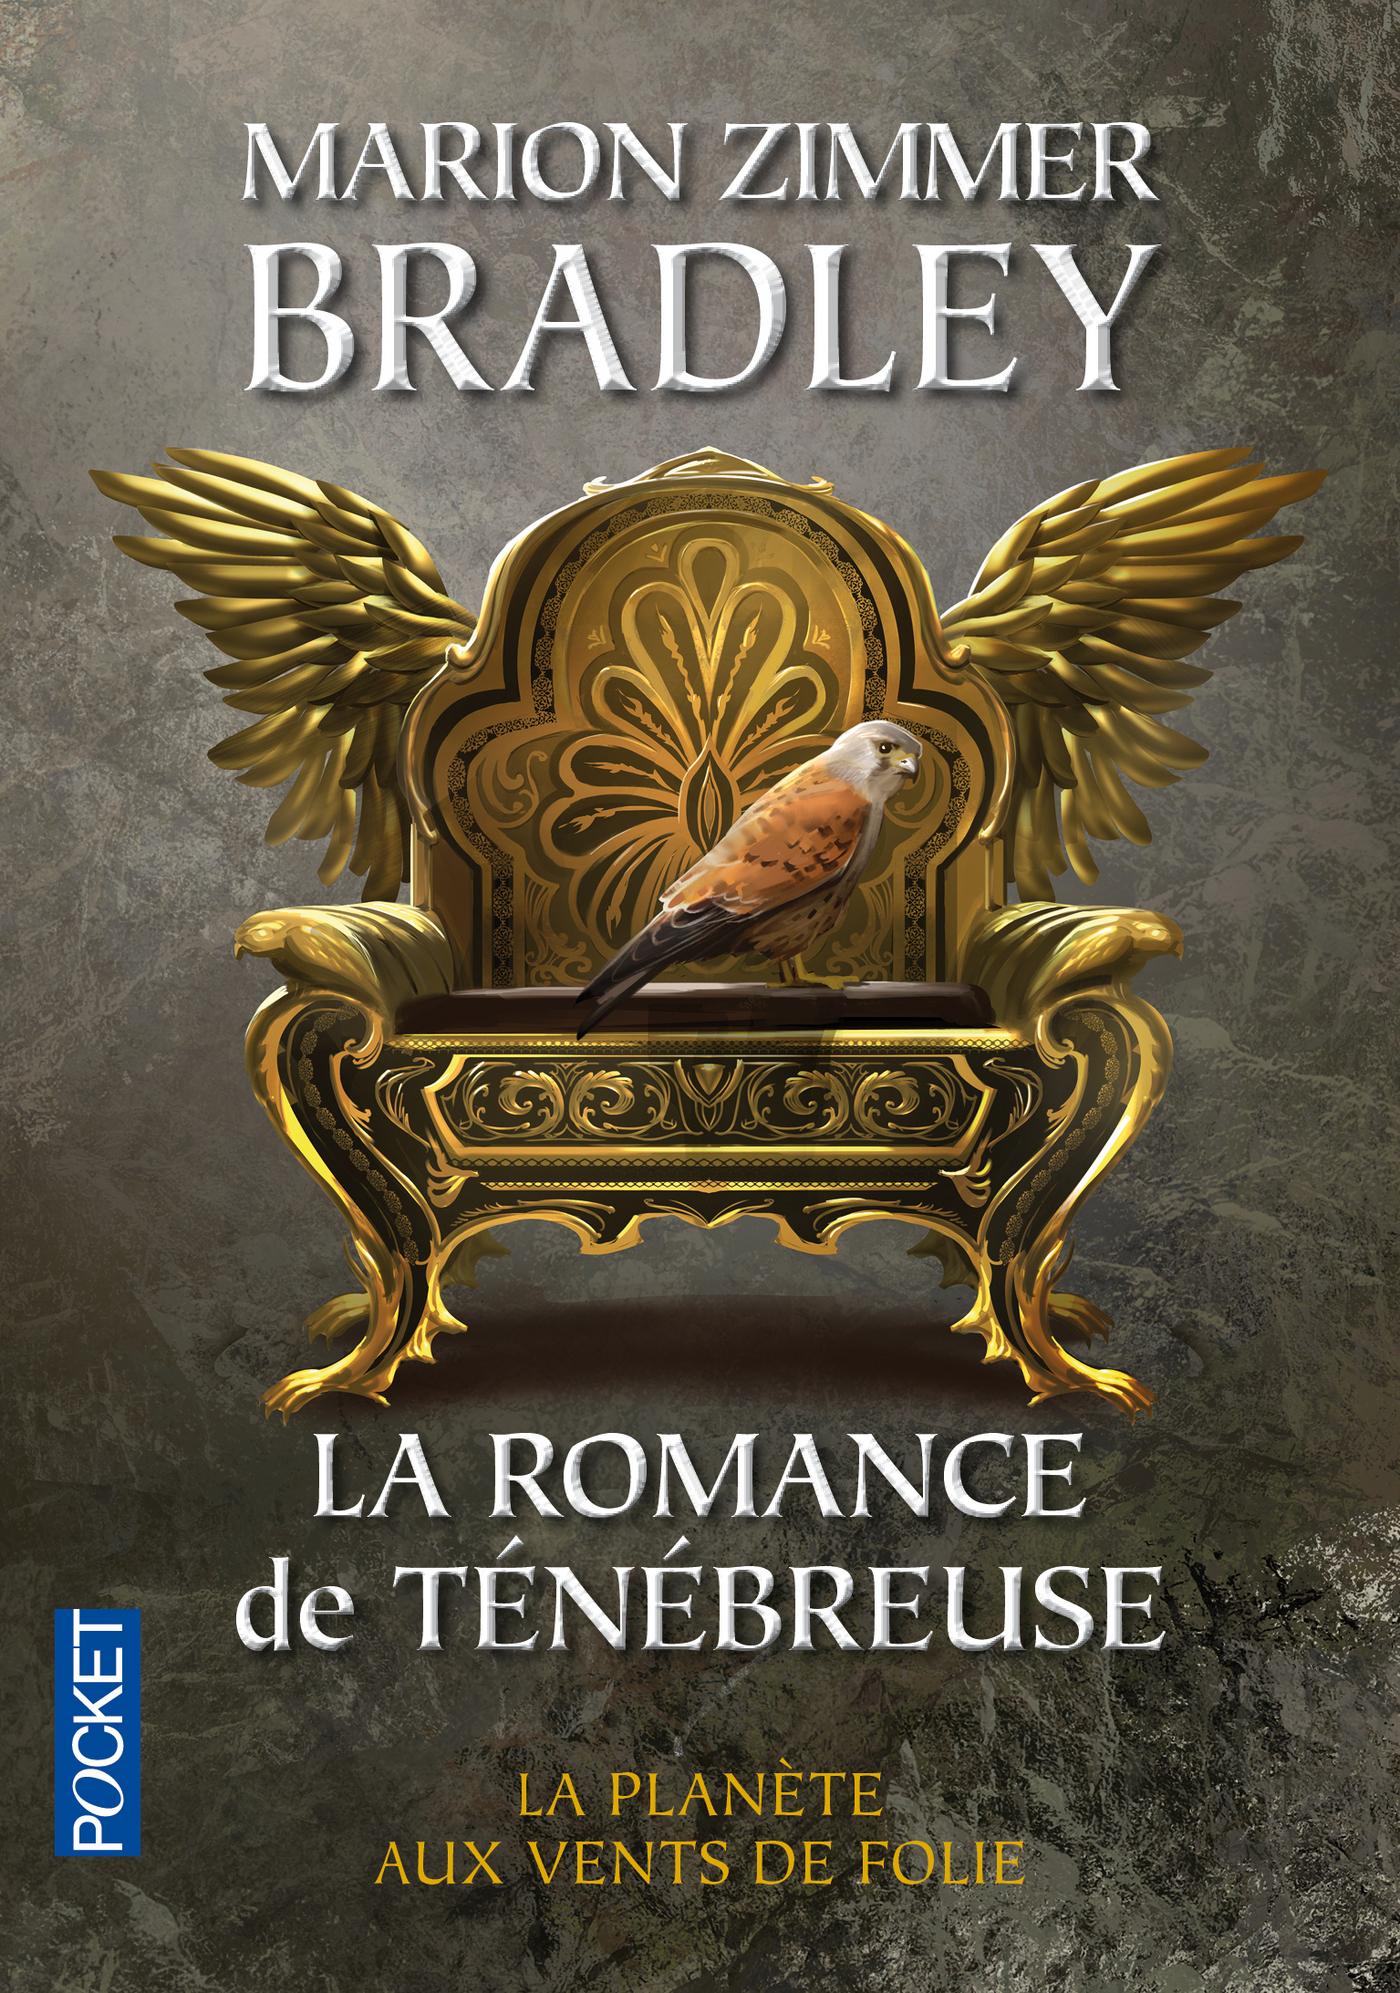 La Romance de Ténébreuse tome 1 | BRADLEY, Marion Zimmer